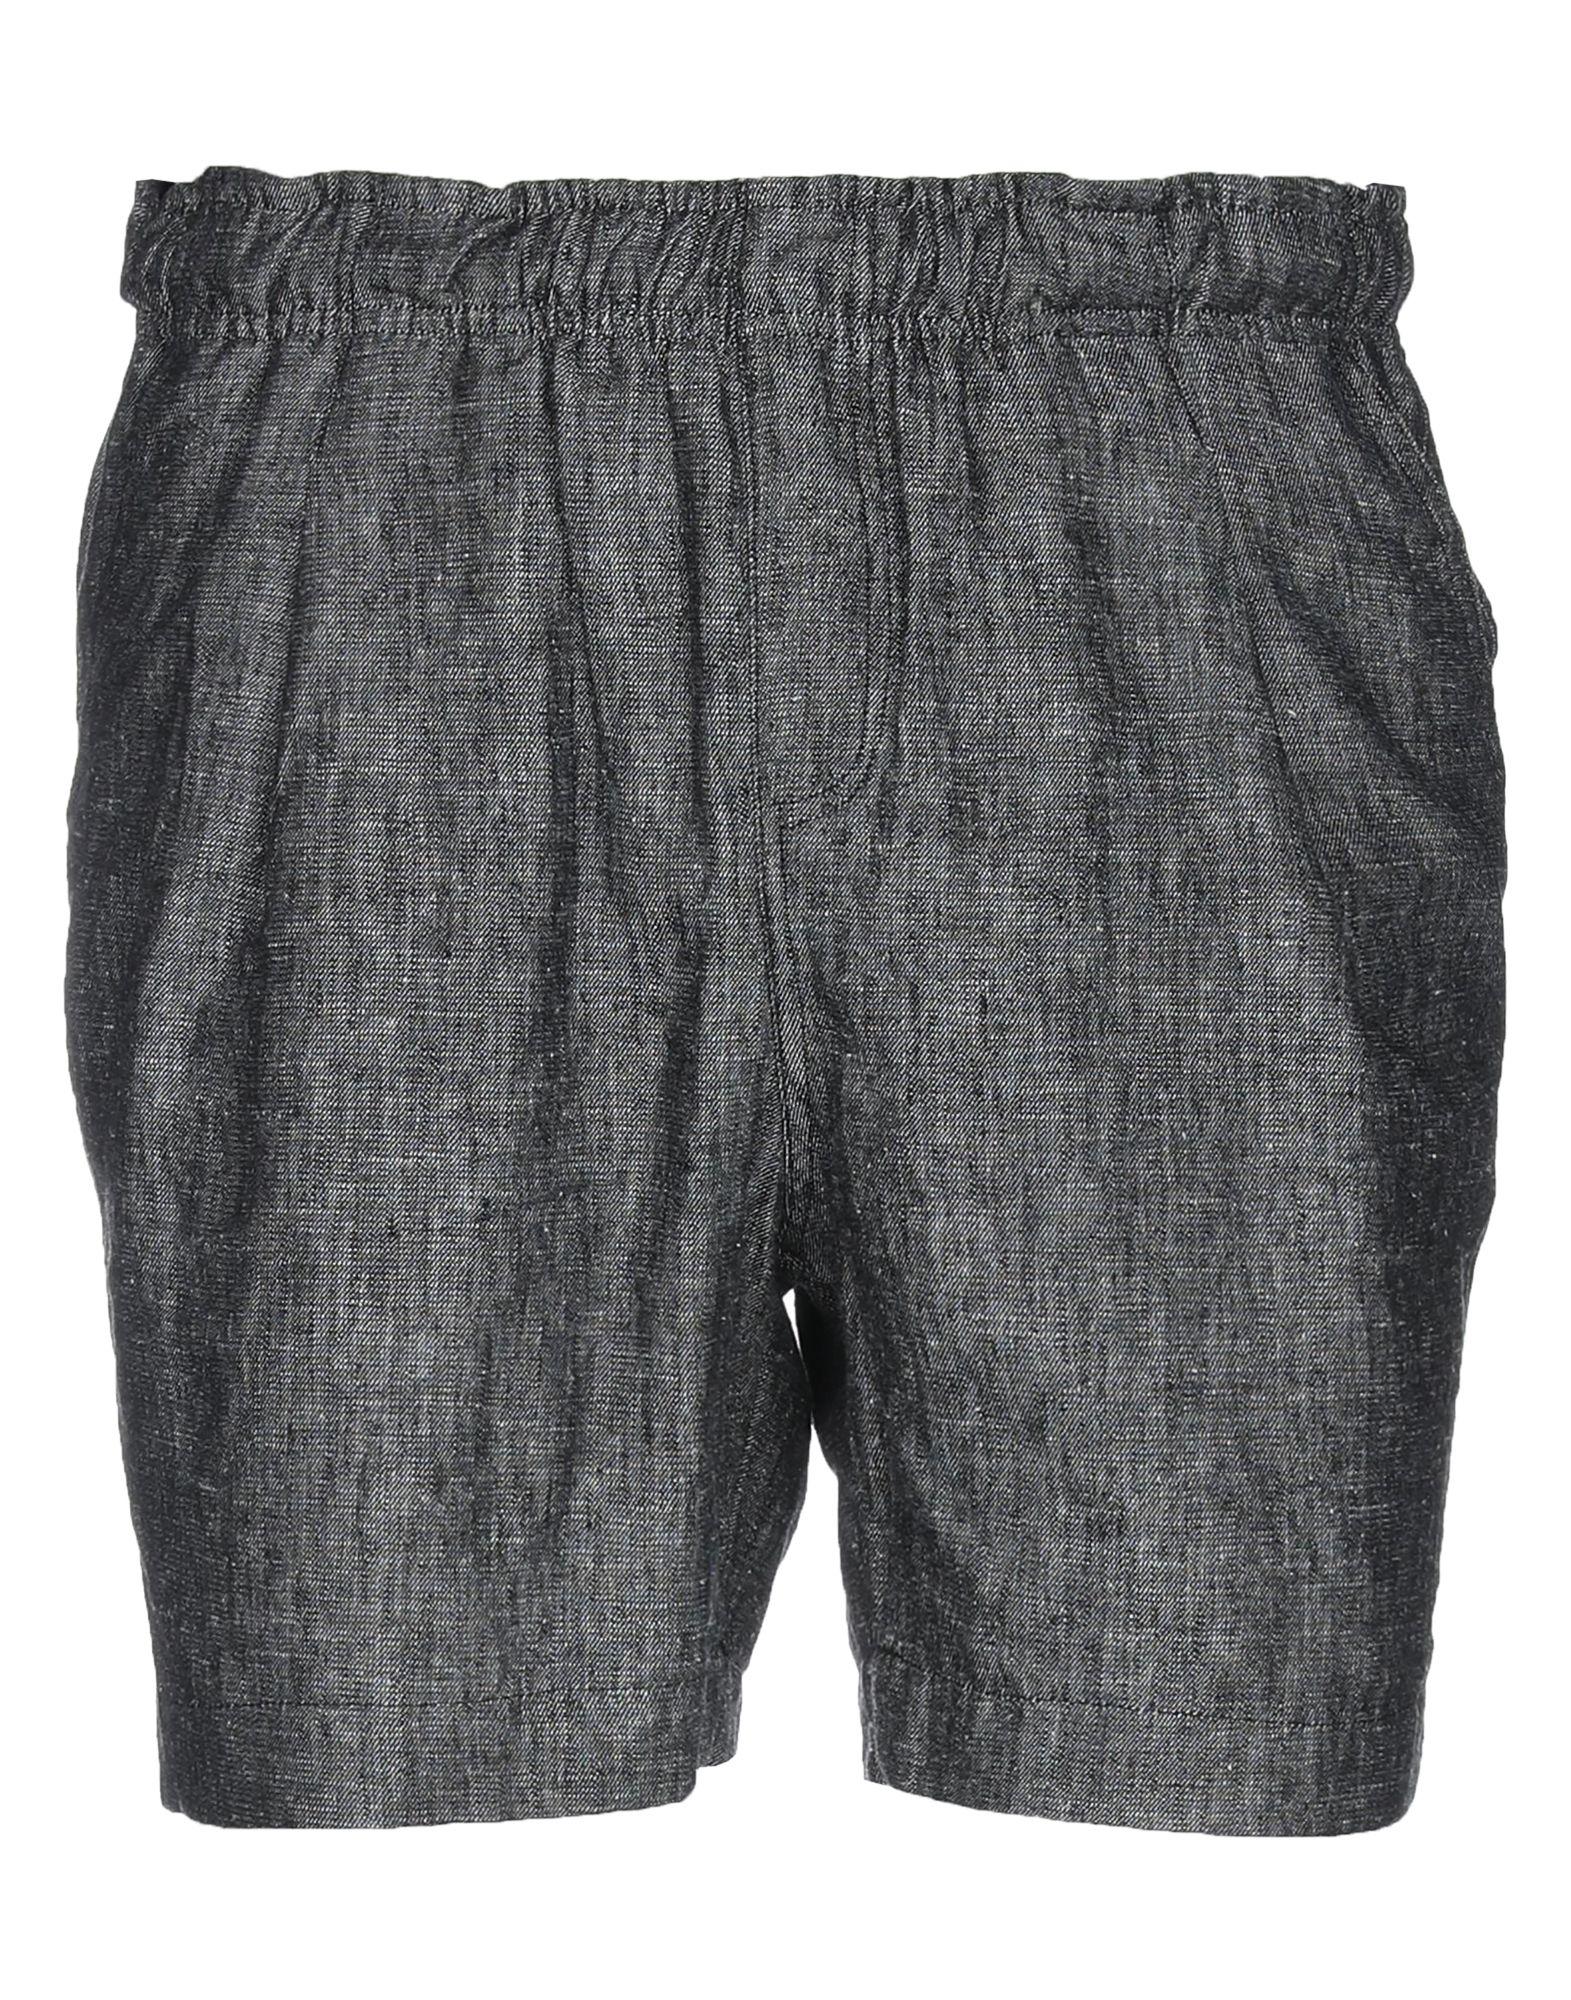 《セール開催中》THE KINGLESS COLLECTIVE メンズ ショートパンツ スチールグレー S 麻 55% / レーヨン 45% / コットン / ポリエステル